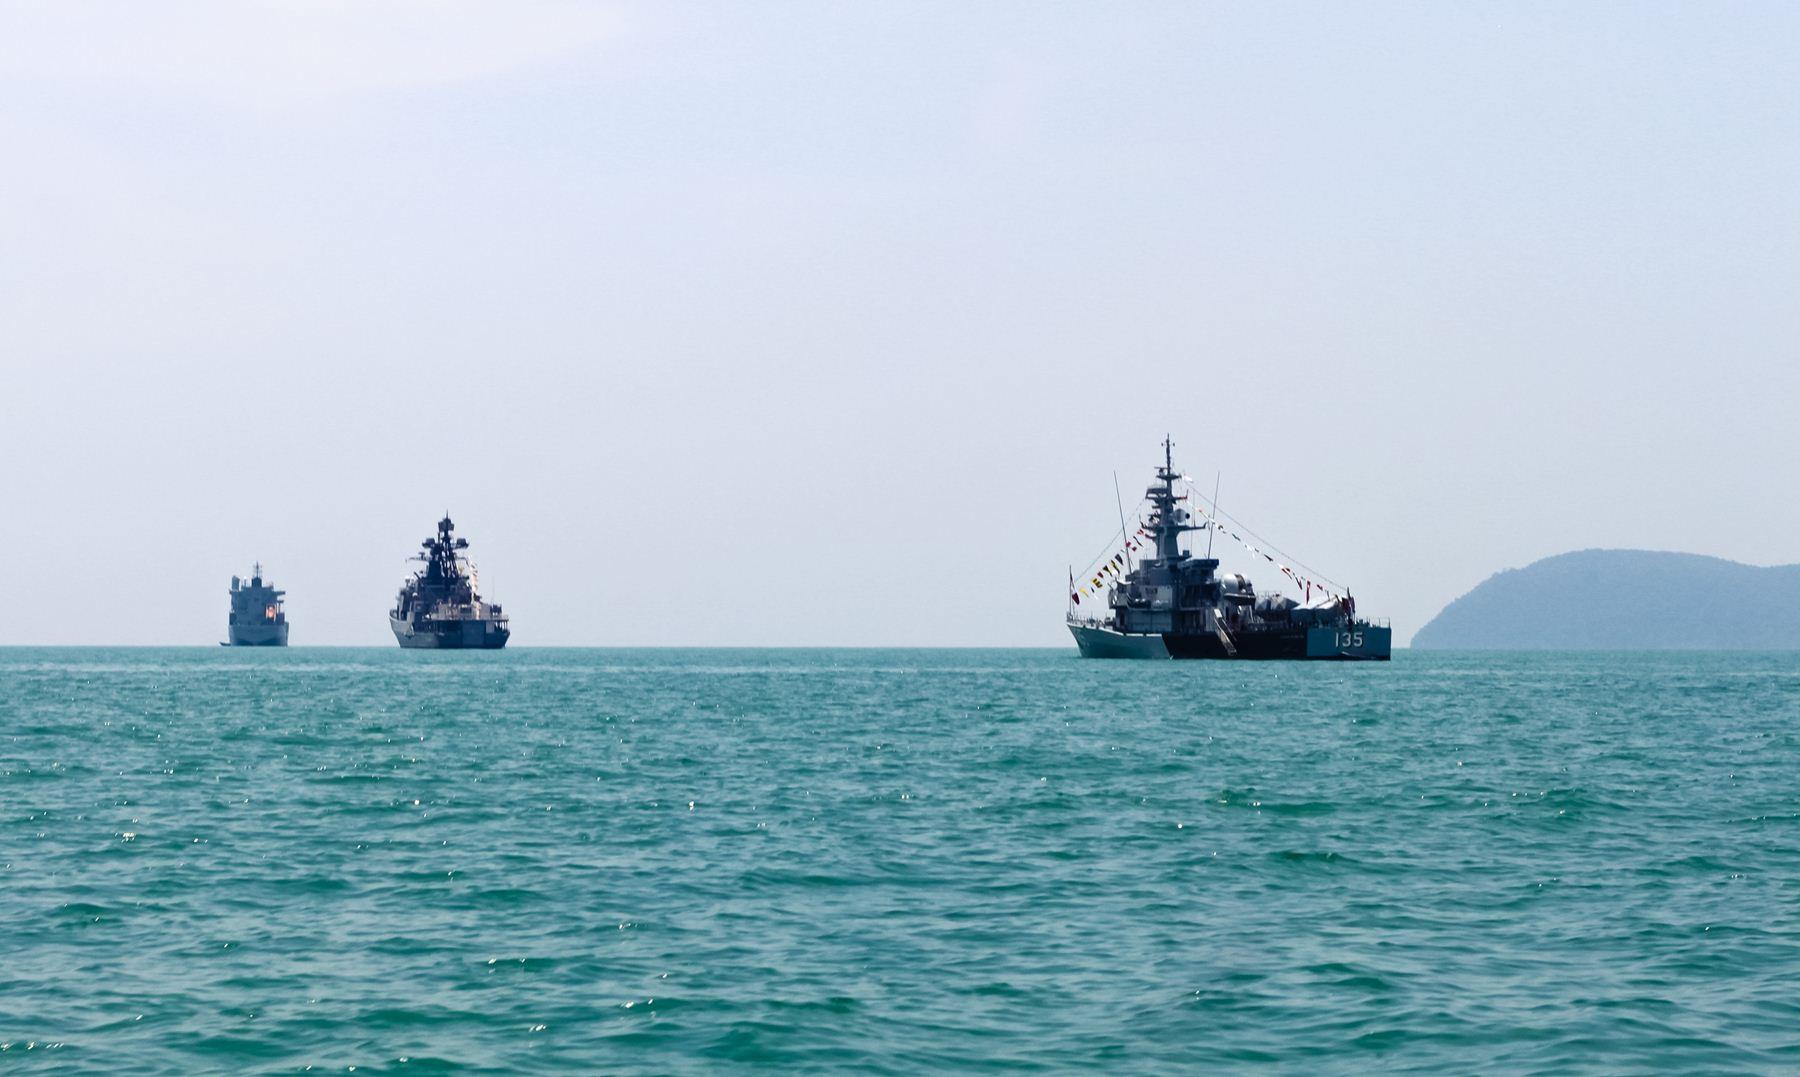 Дружественные военные корабли на выставке LiMA с флагами